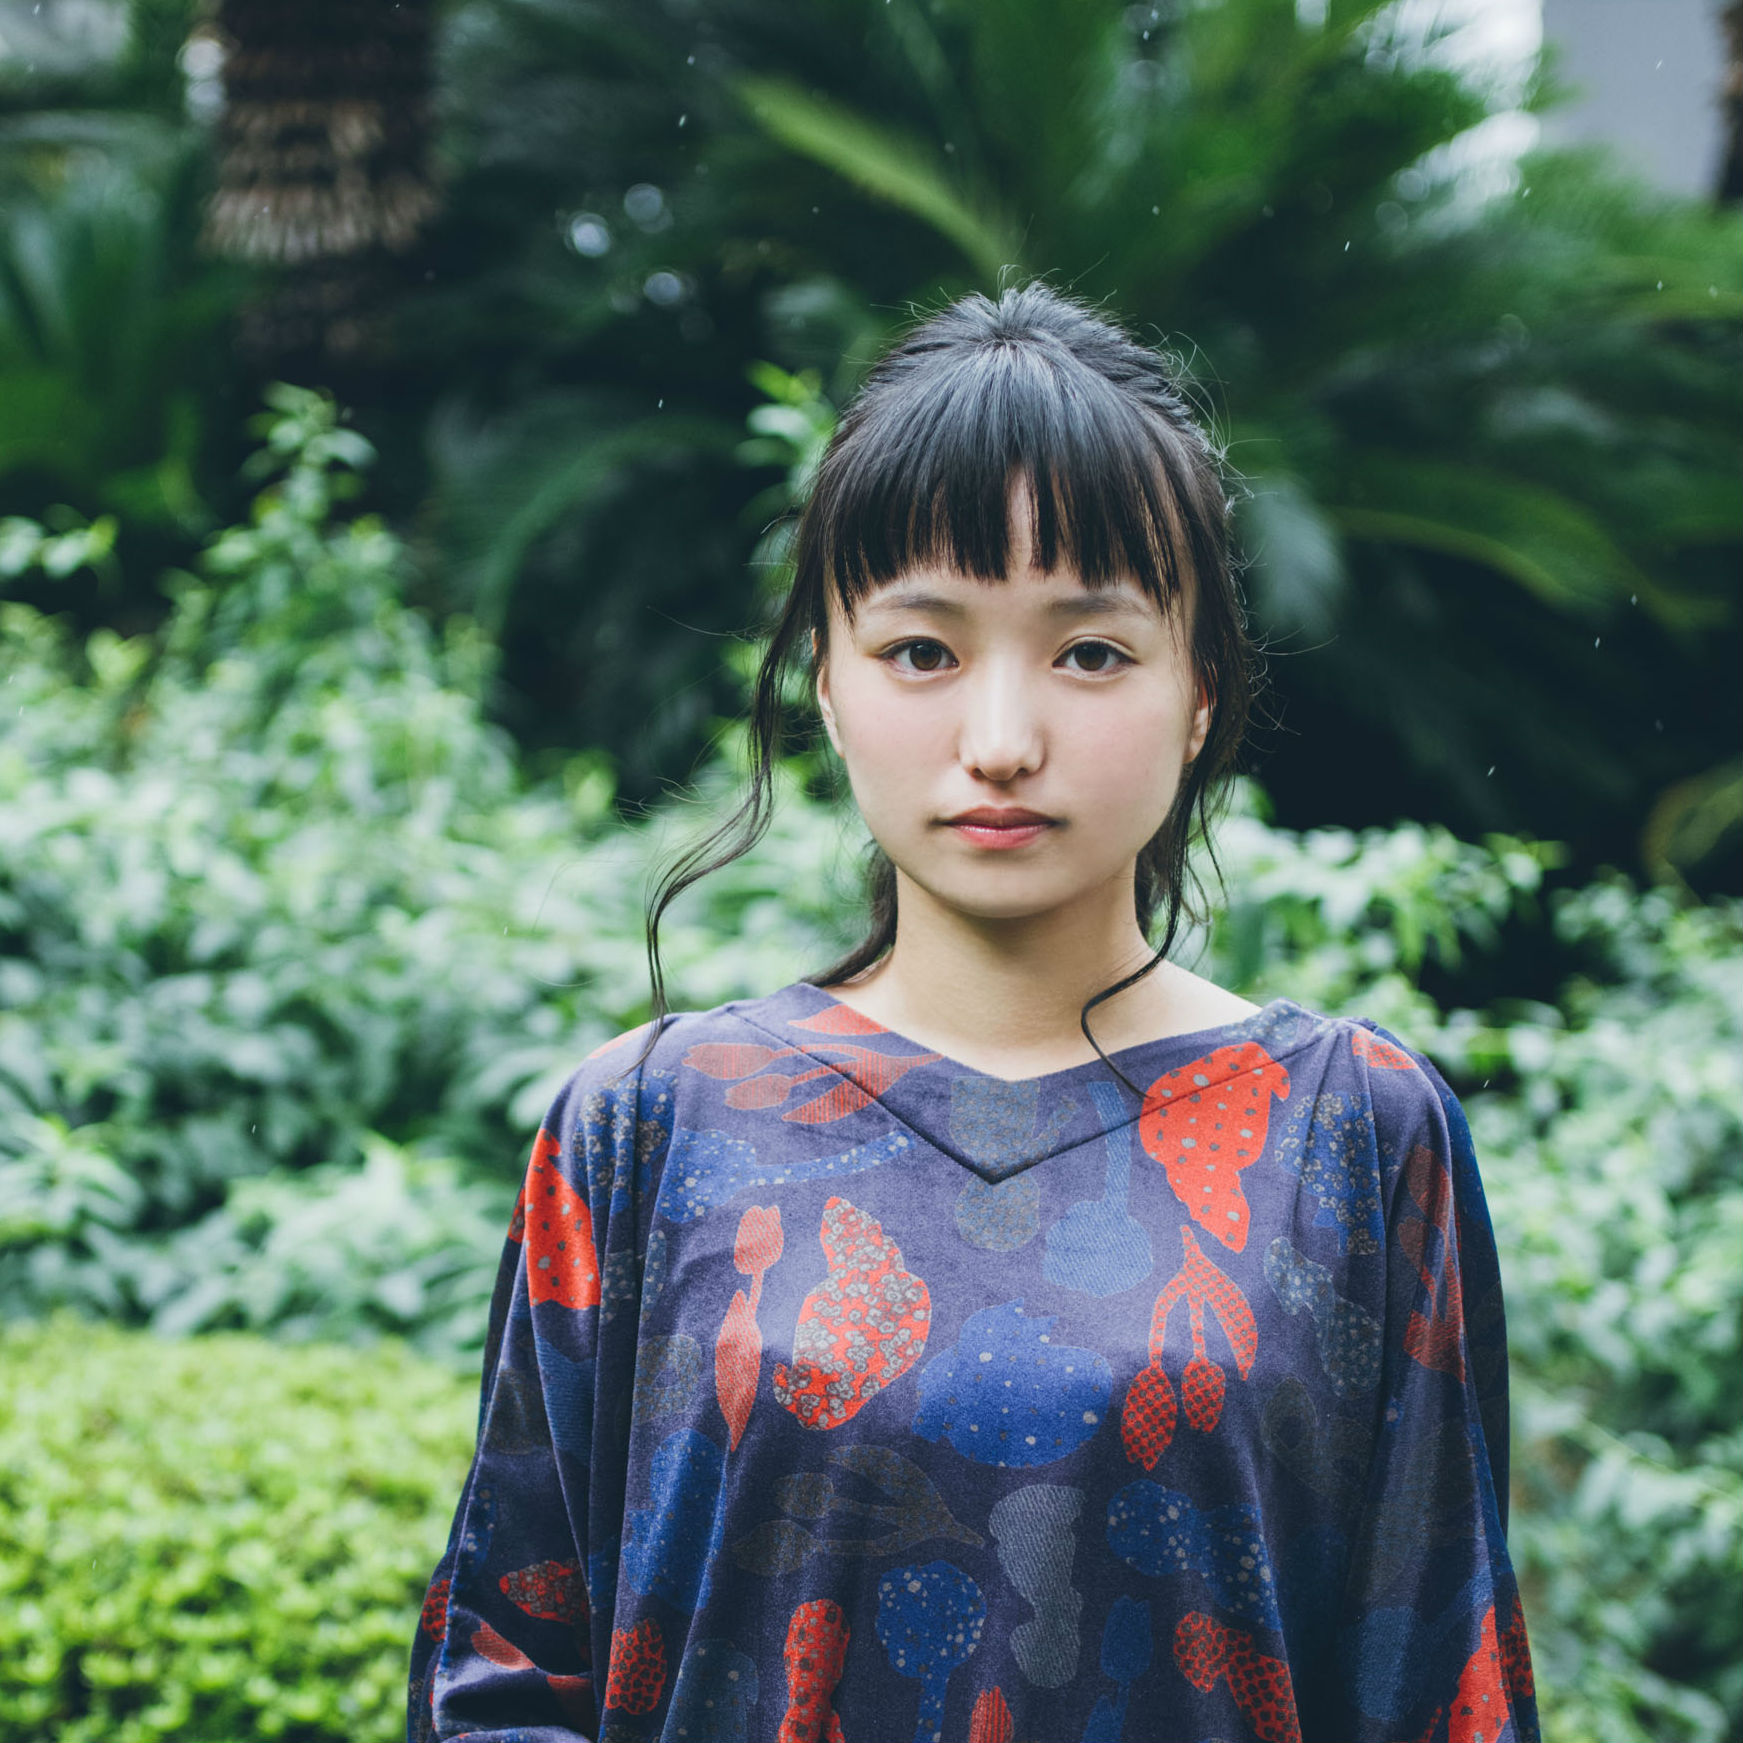 映画「少女」で発見したネクストブレイク(!?)女優<br />飯村未侑、その素顔にフォーカス!